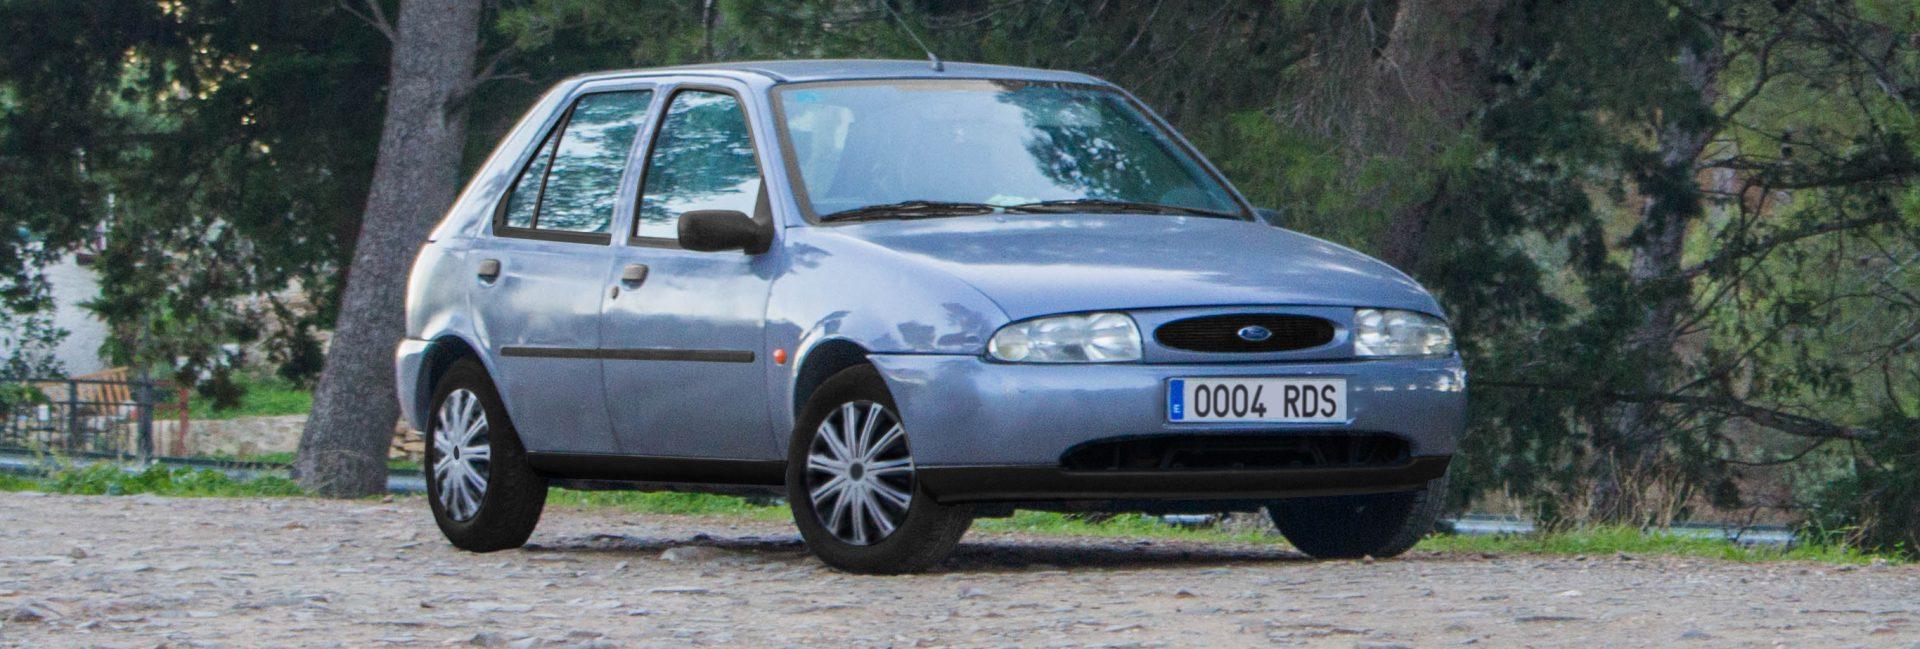 Clio V, Renault Clio V: tecnología en estado puro